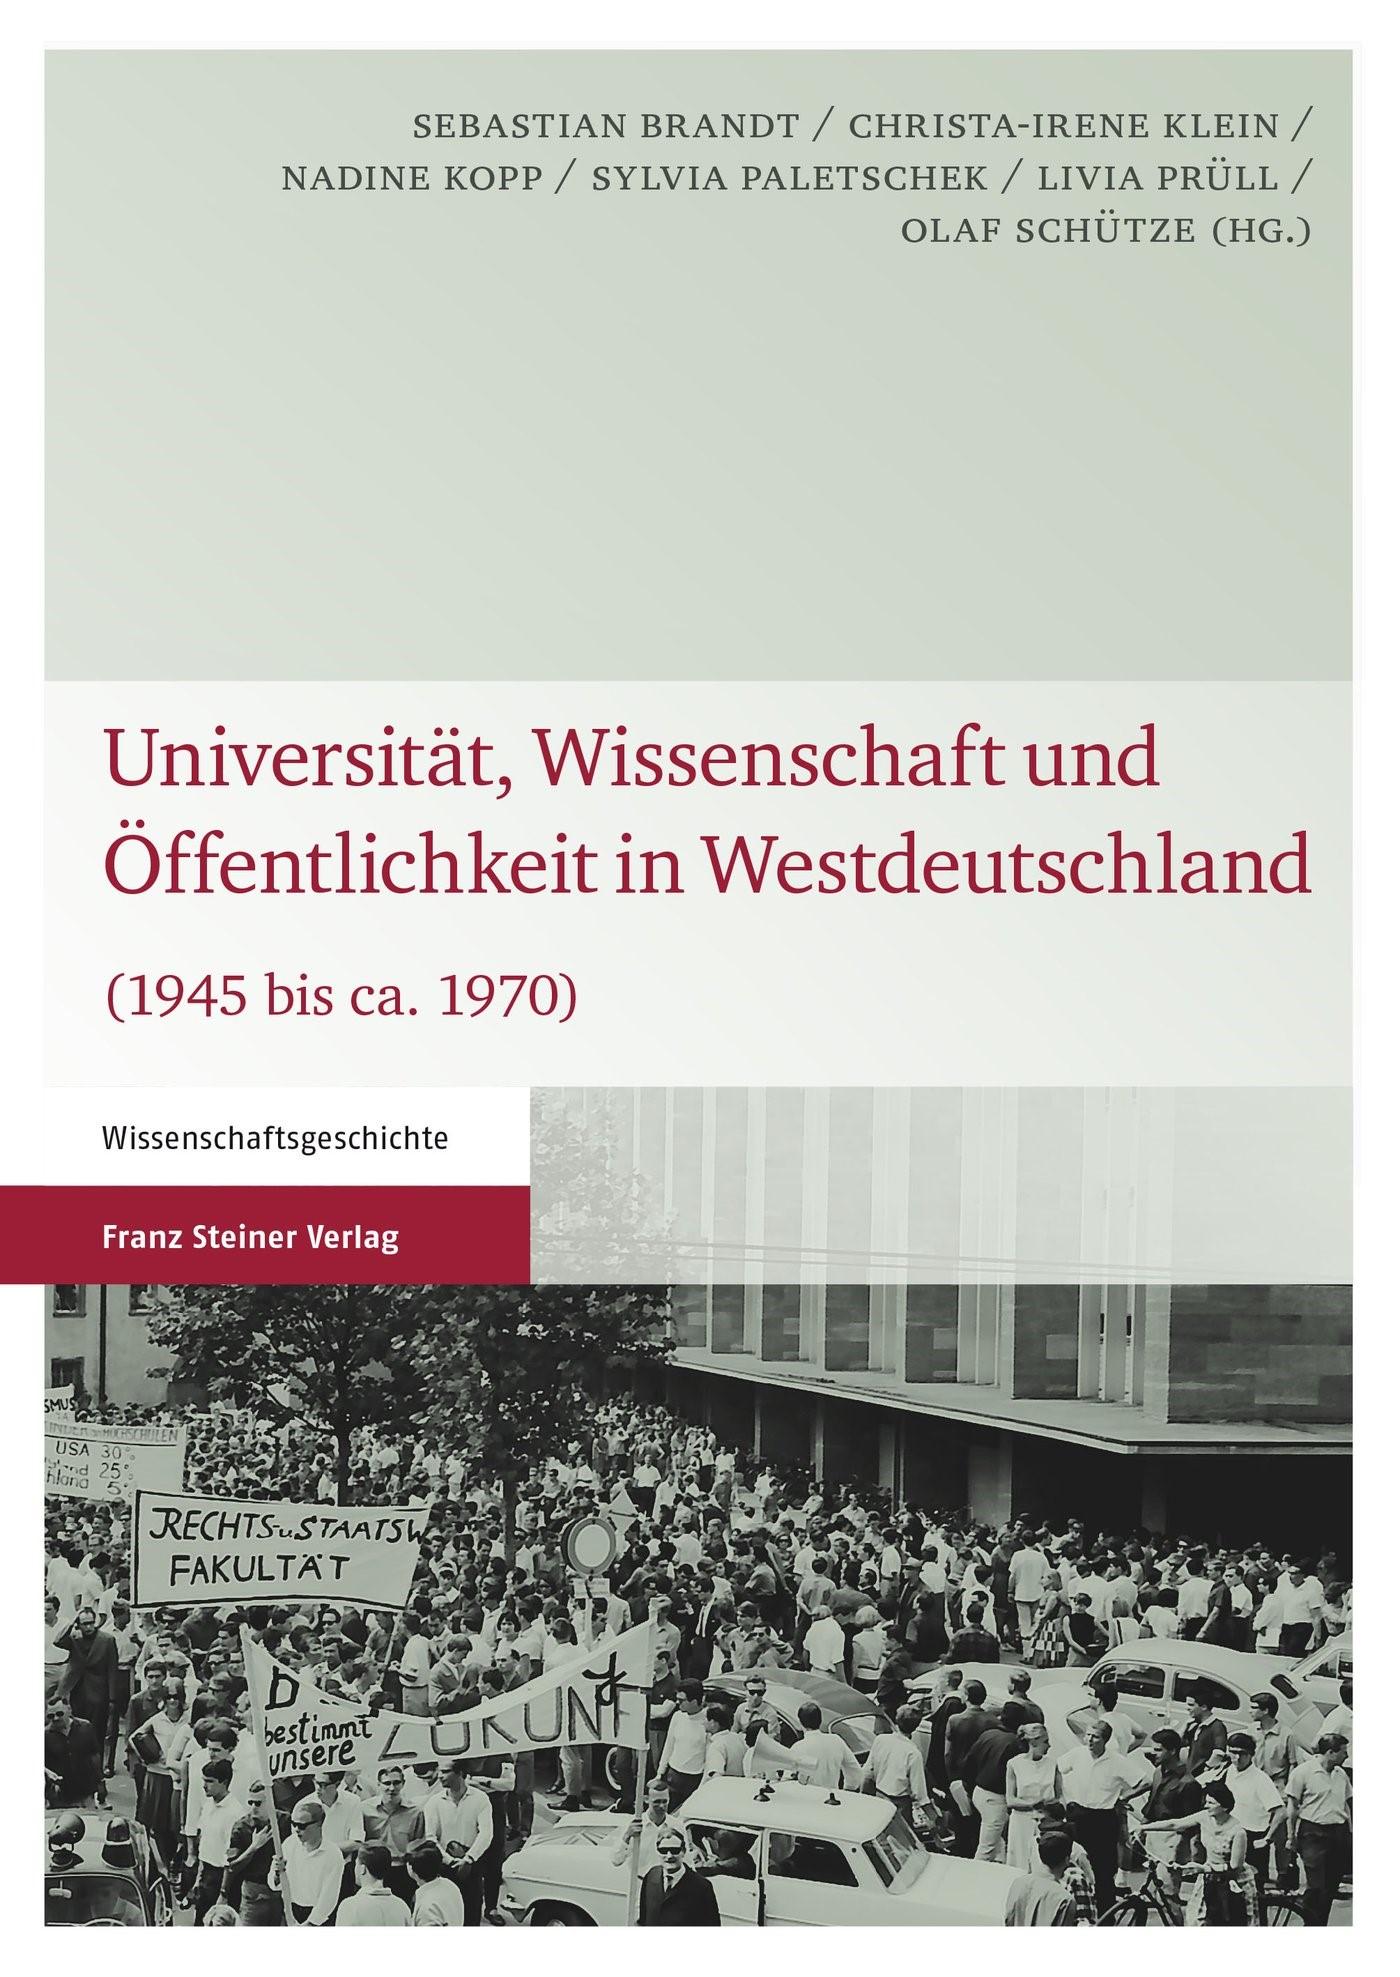 Universität, Wissenschaft und Öffentlichkeit in Westdeutschland | Brandt / Klein / Kopp / Paletschek / Prüll / Schütze, 2014 | Buch (Cover)